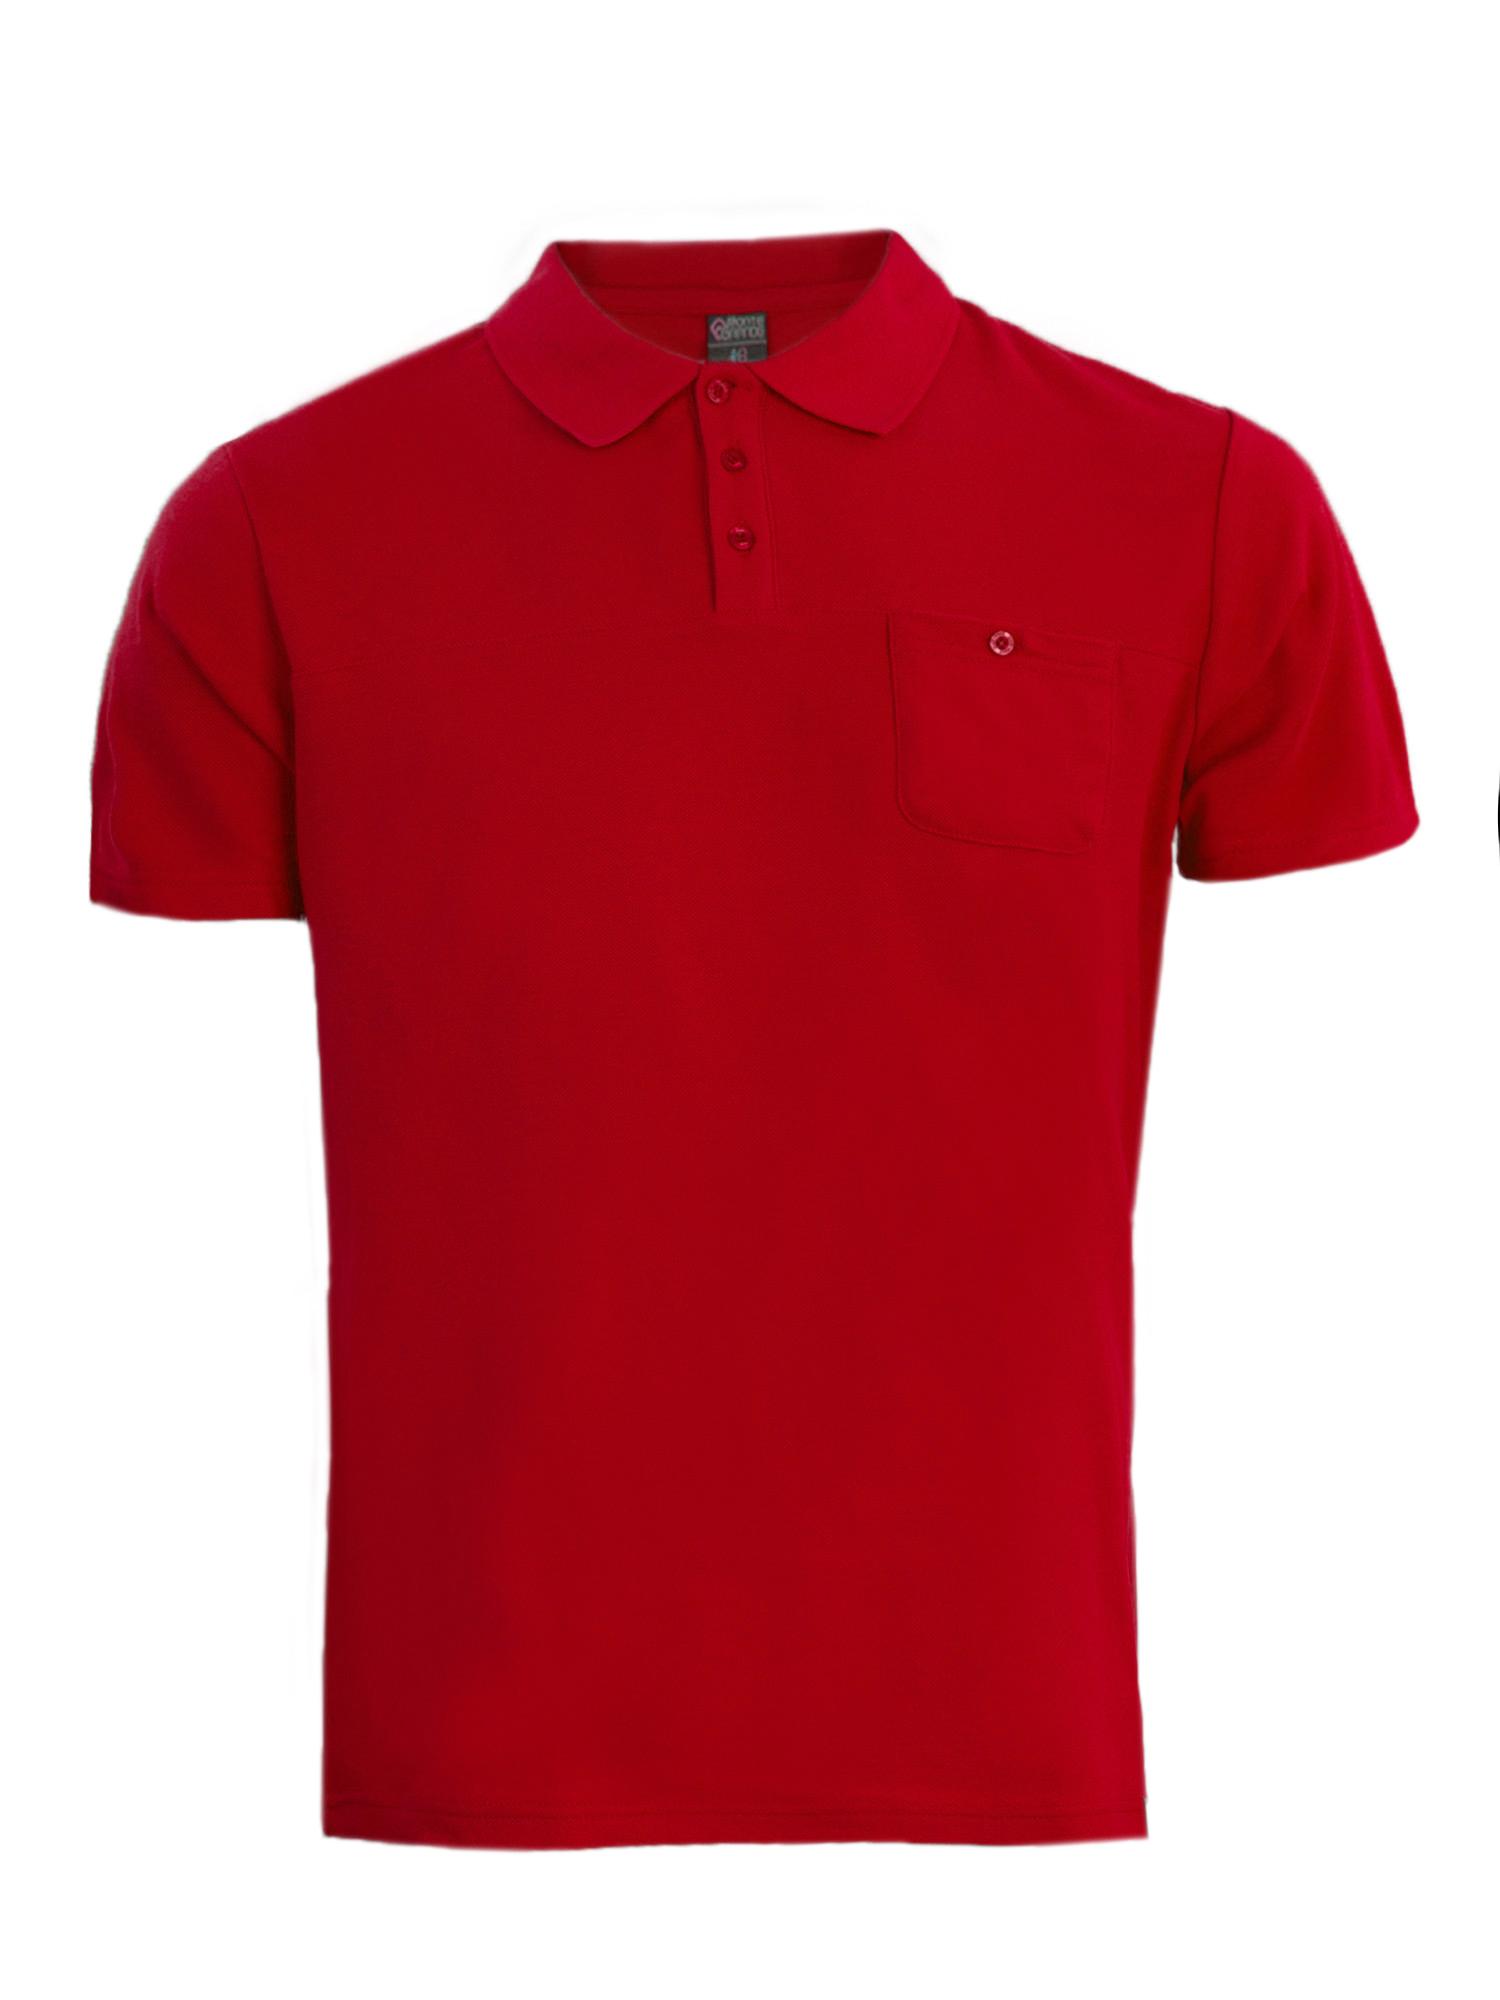 5b436389825 Поло мужское Monte Grande красное - Сеть спортивных магазинов Чемпион